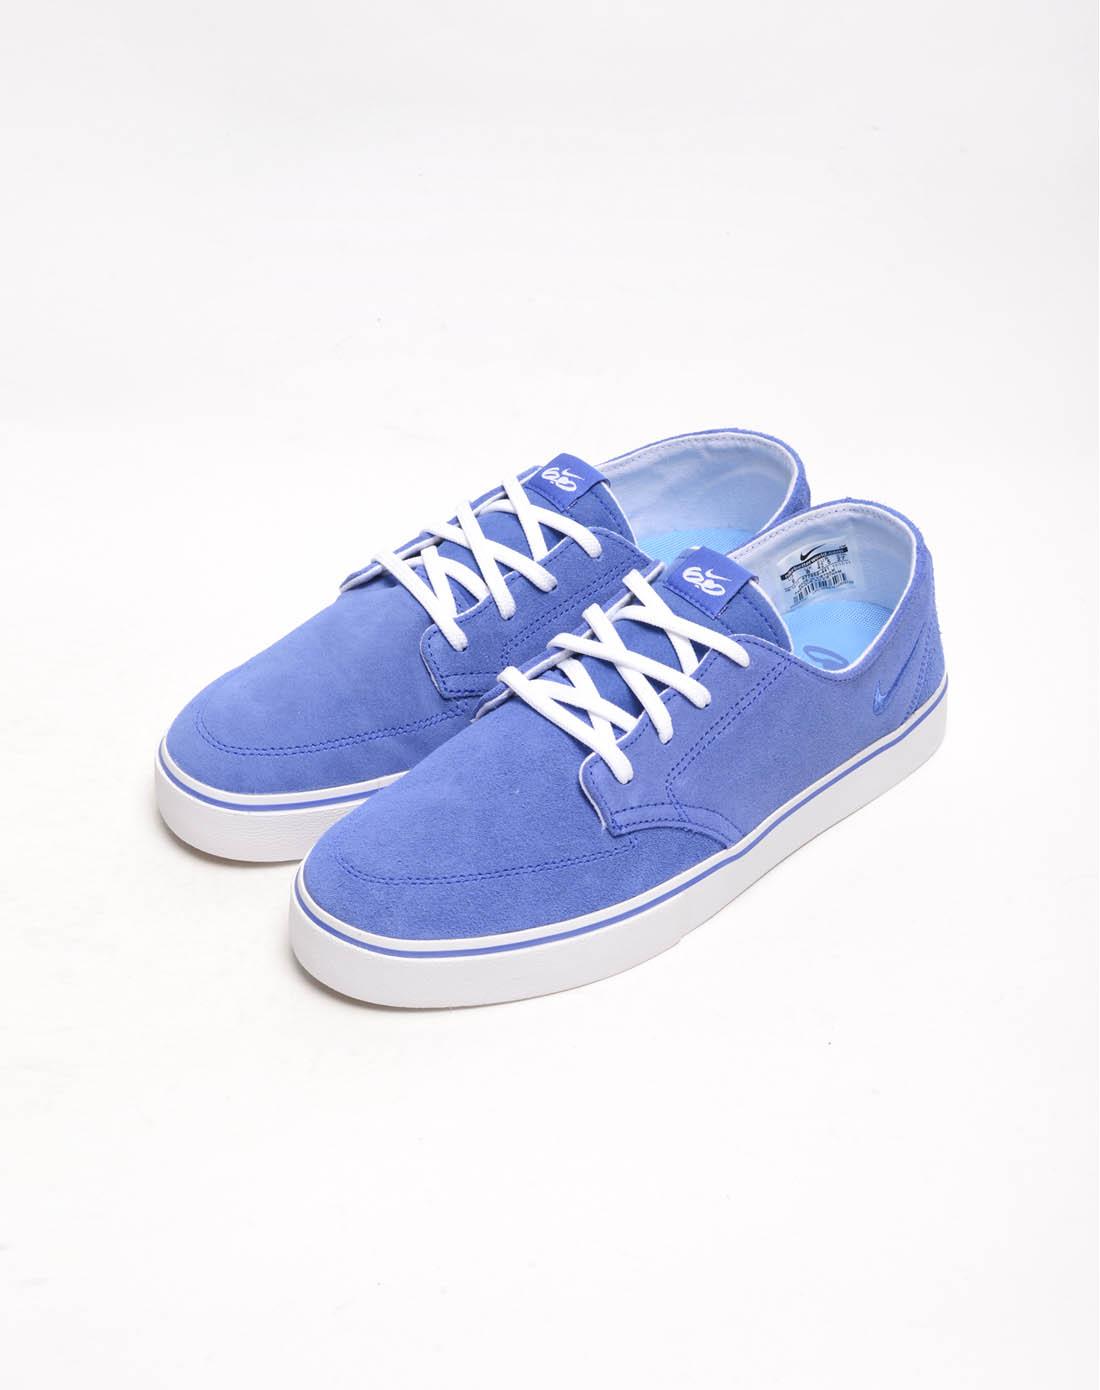 耐克nike-男子蓝色滑板鞋477650-441